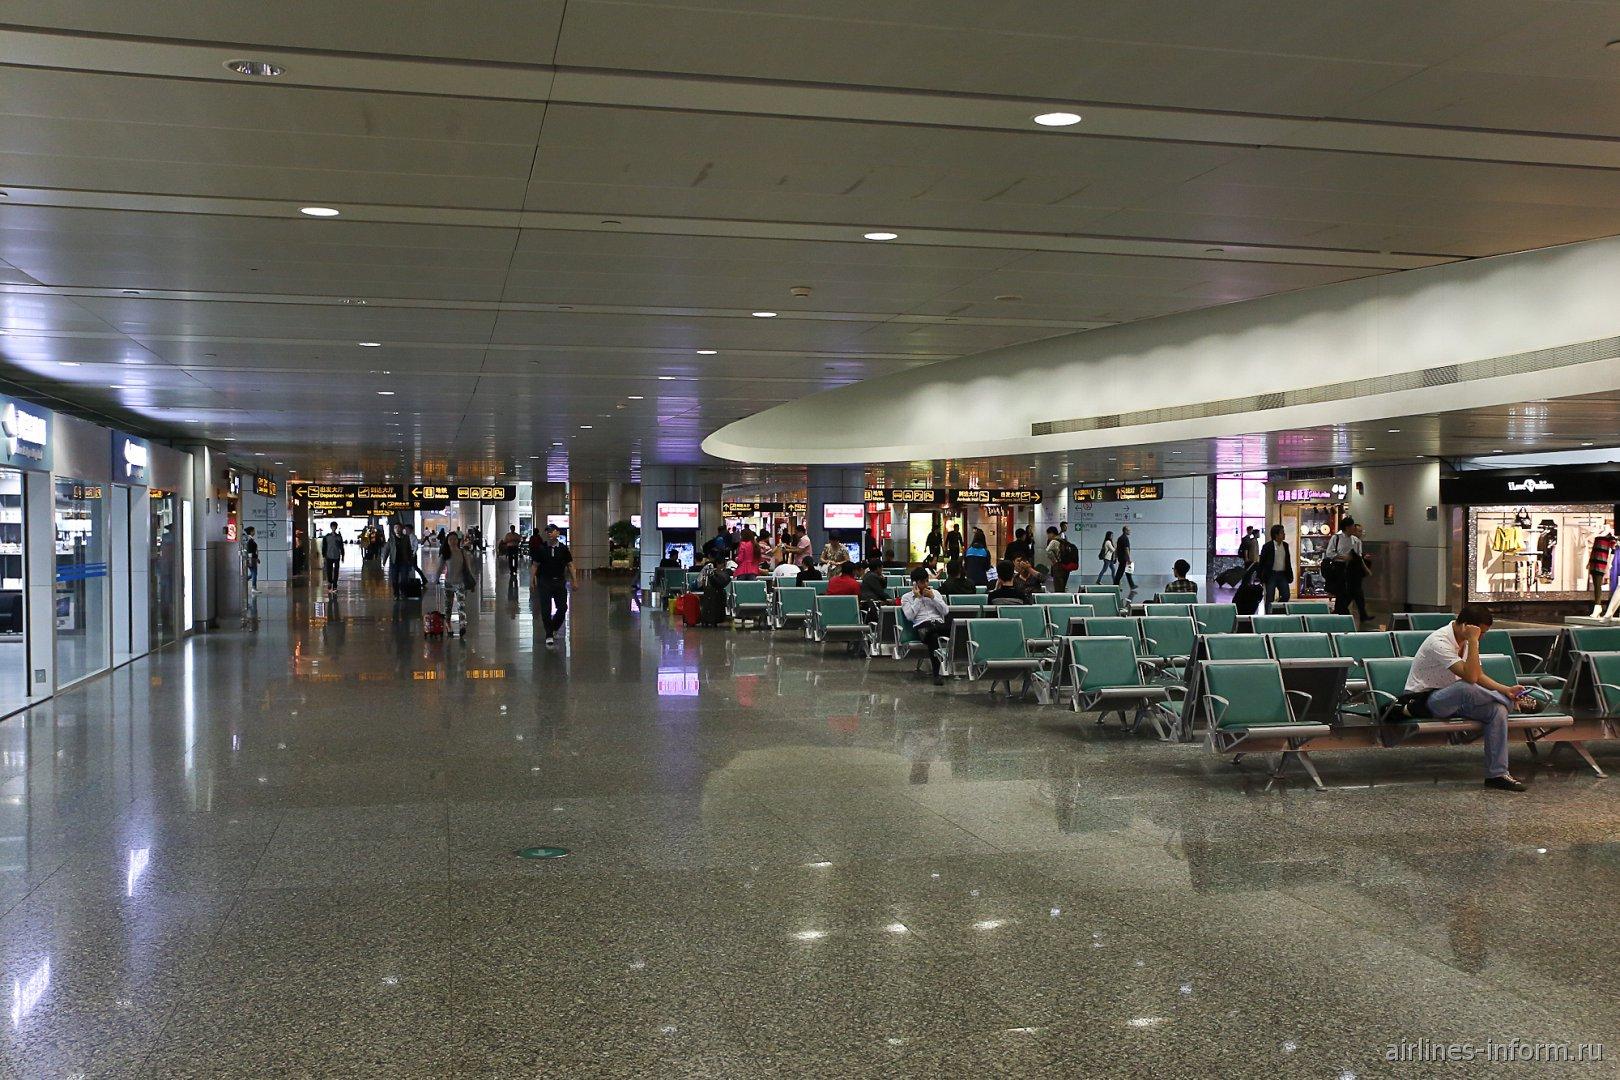 Места для ожидания в зоне прилета в аэропорту Гуанчжоу Байюнь